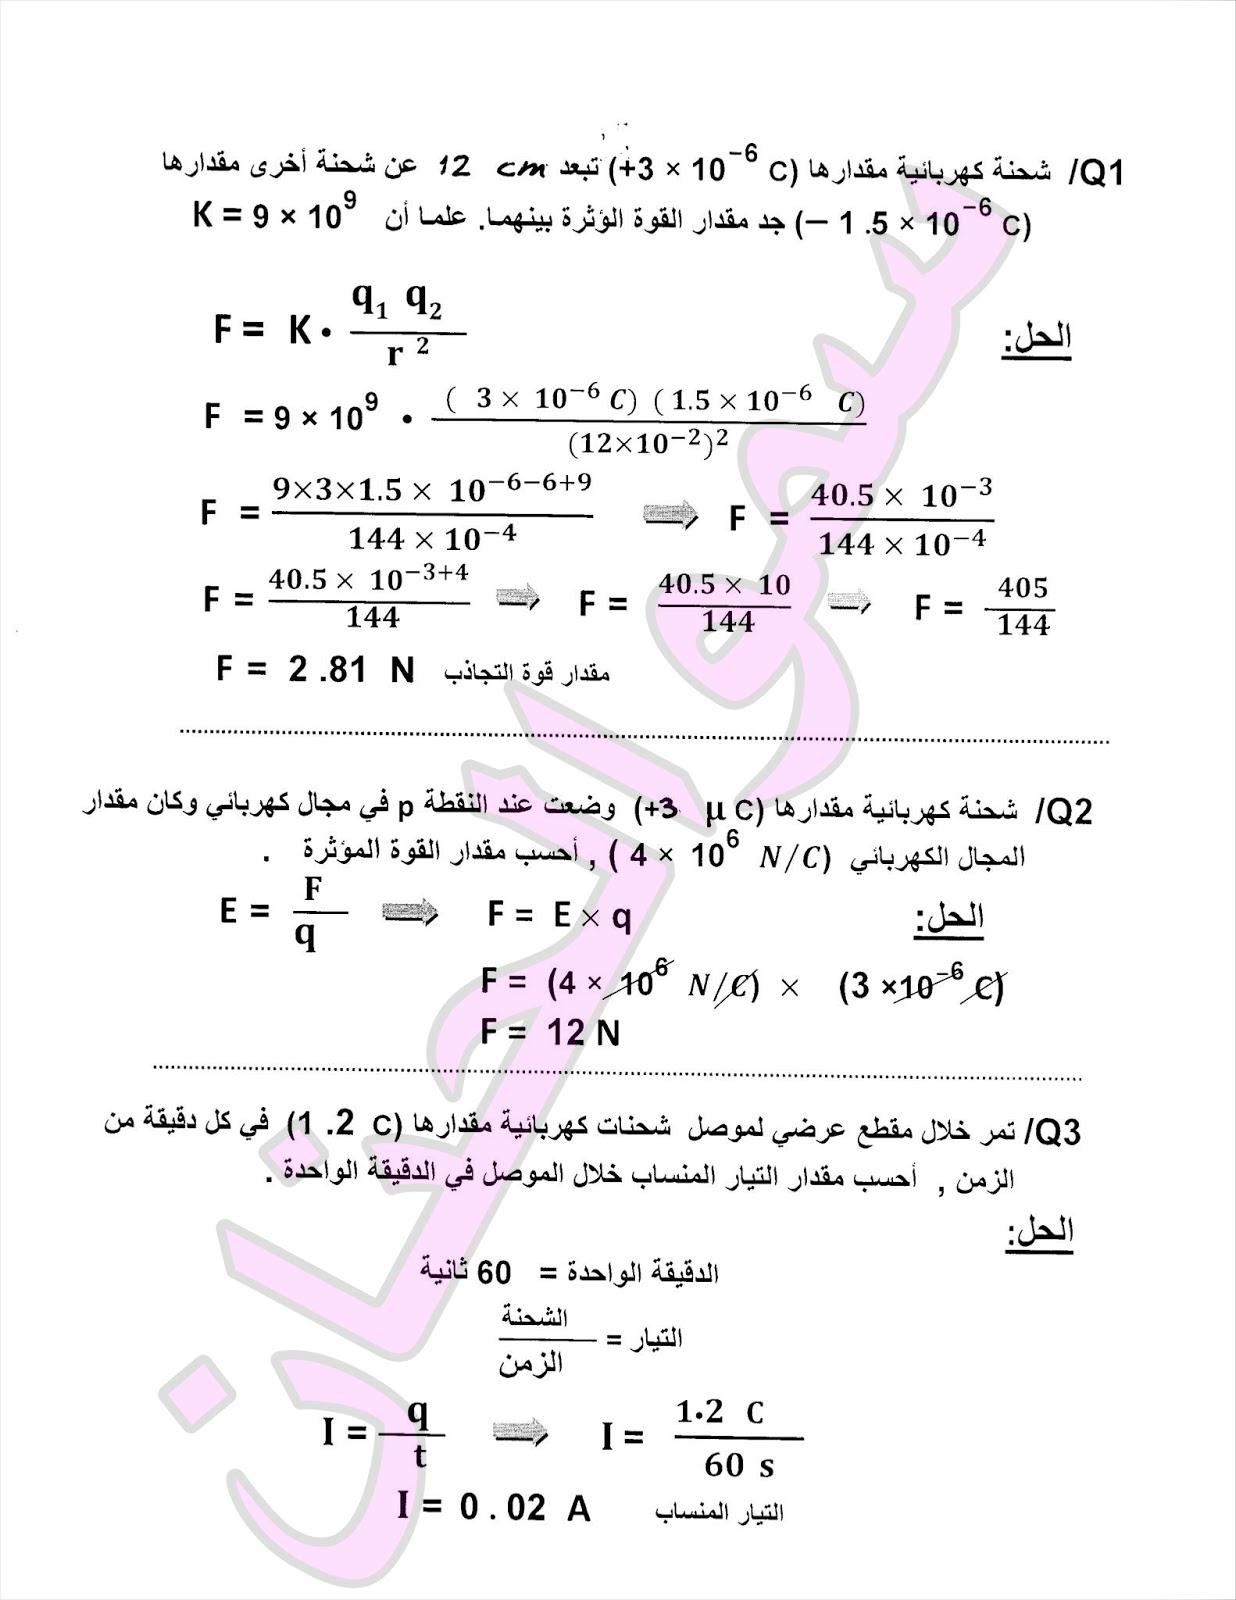 المراجعة المركزة و ملخص لمادة الفيزياء للصف الثالث المتوسط 2018 1212